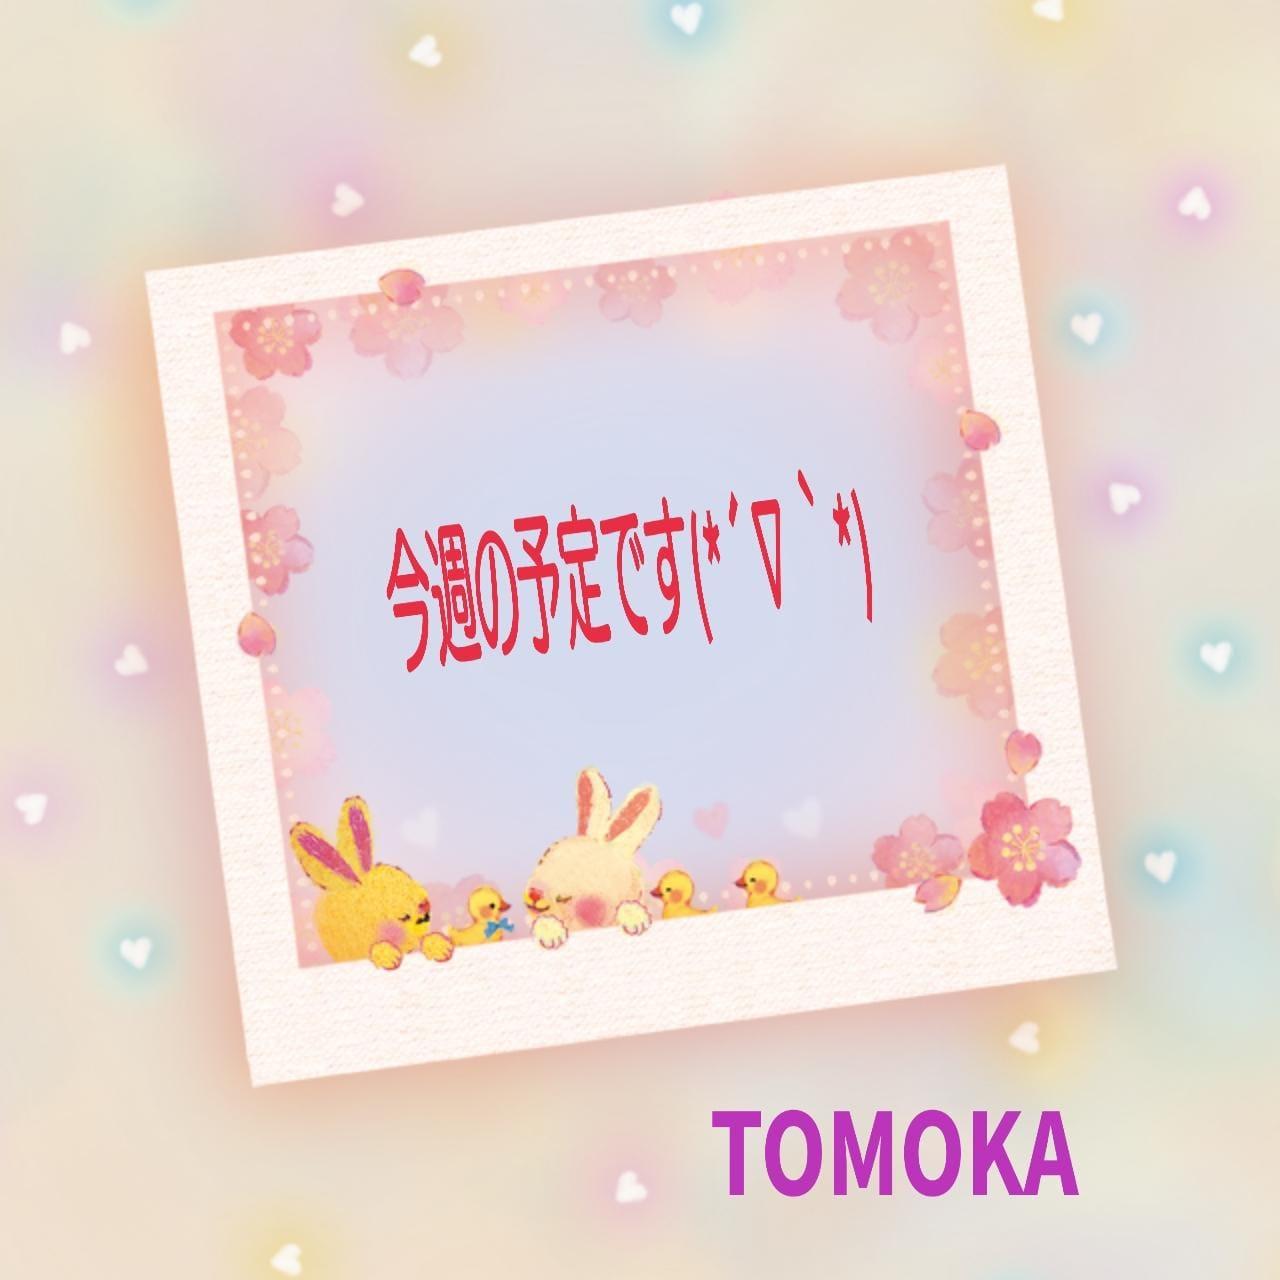 「眠れぬ夜明け」04/12(04/12) 11:37 | ともかの写メ・風俗動画